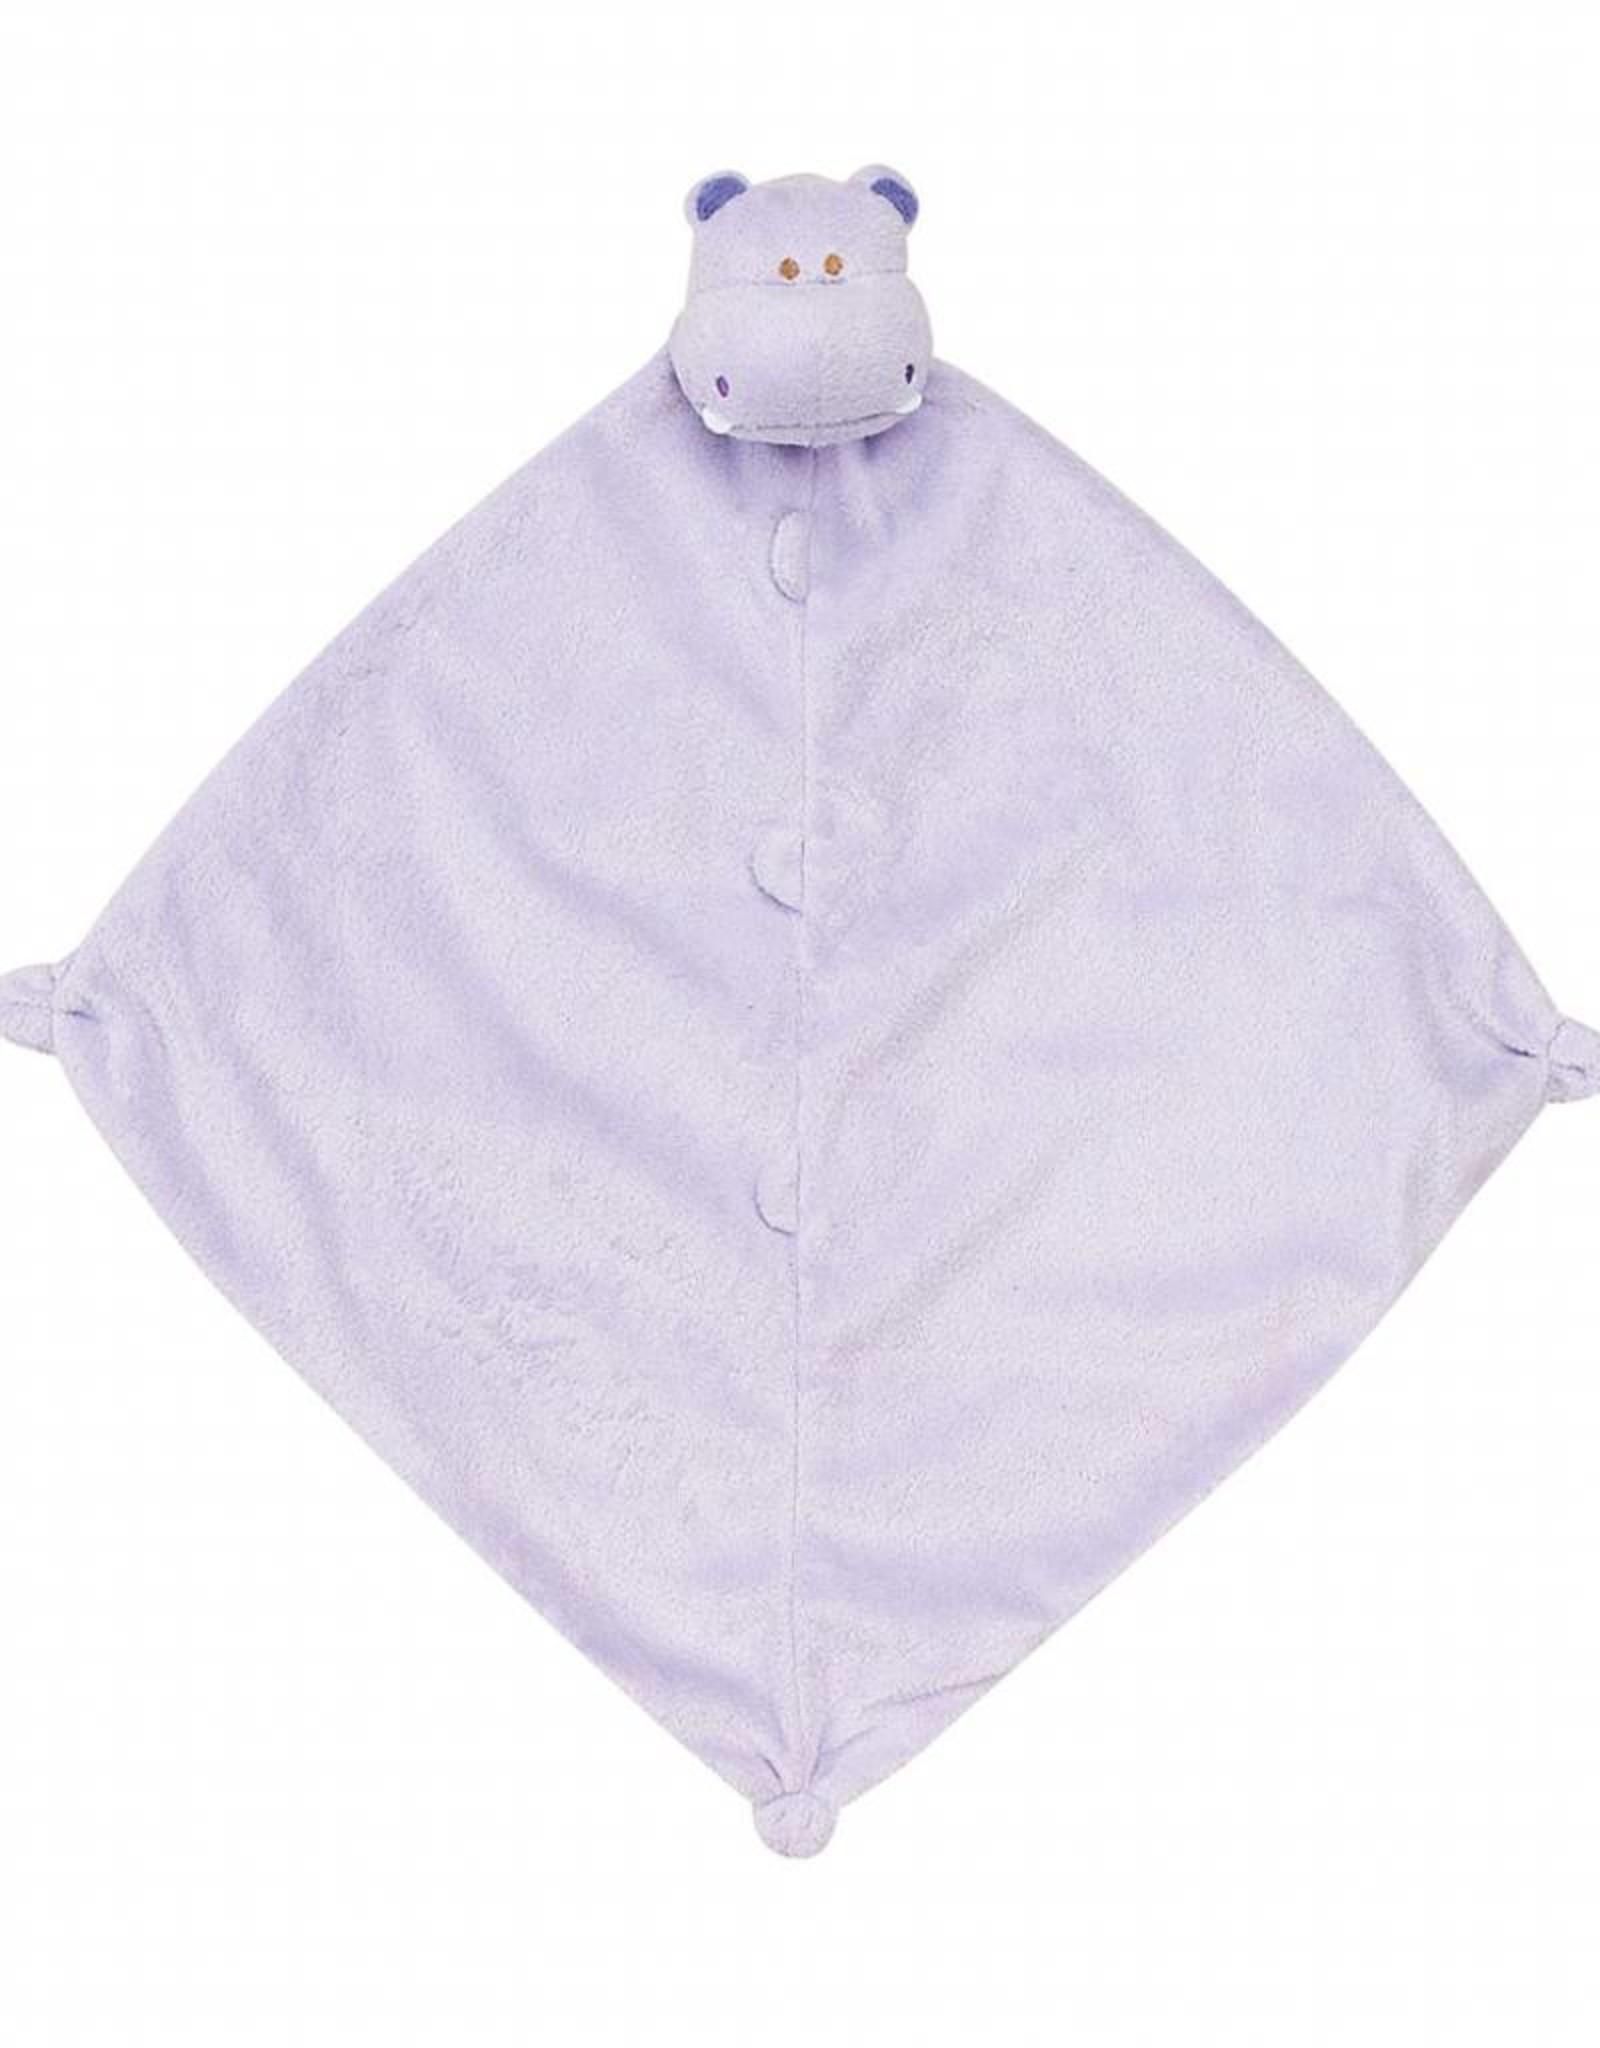 Angel Dear Angel Dear Blankie Purple Hippo